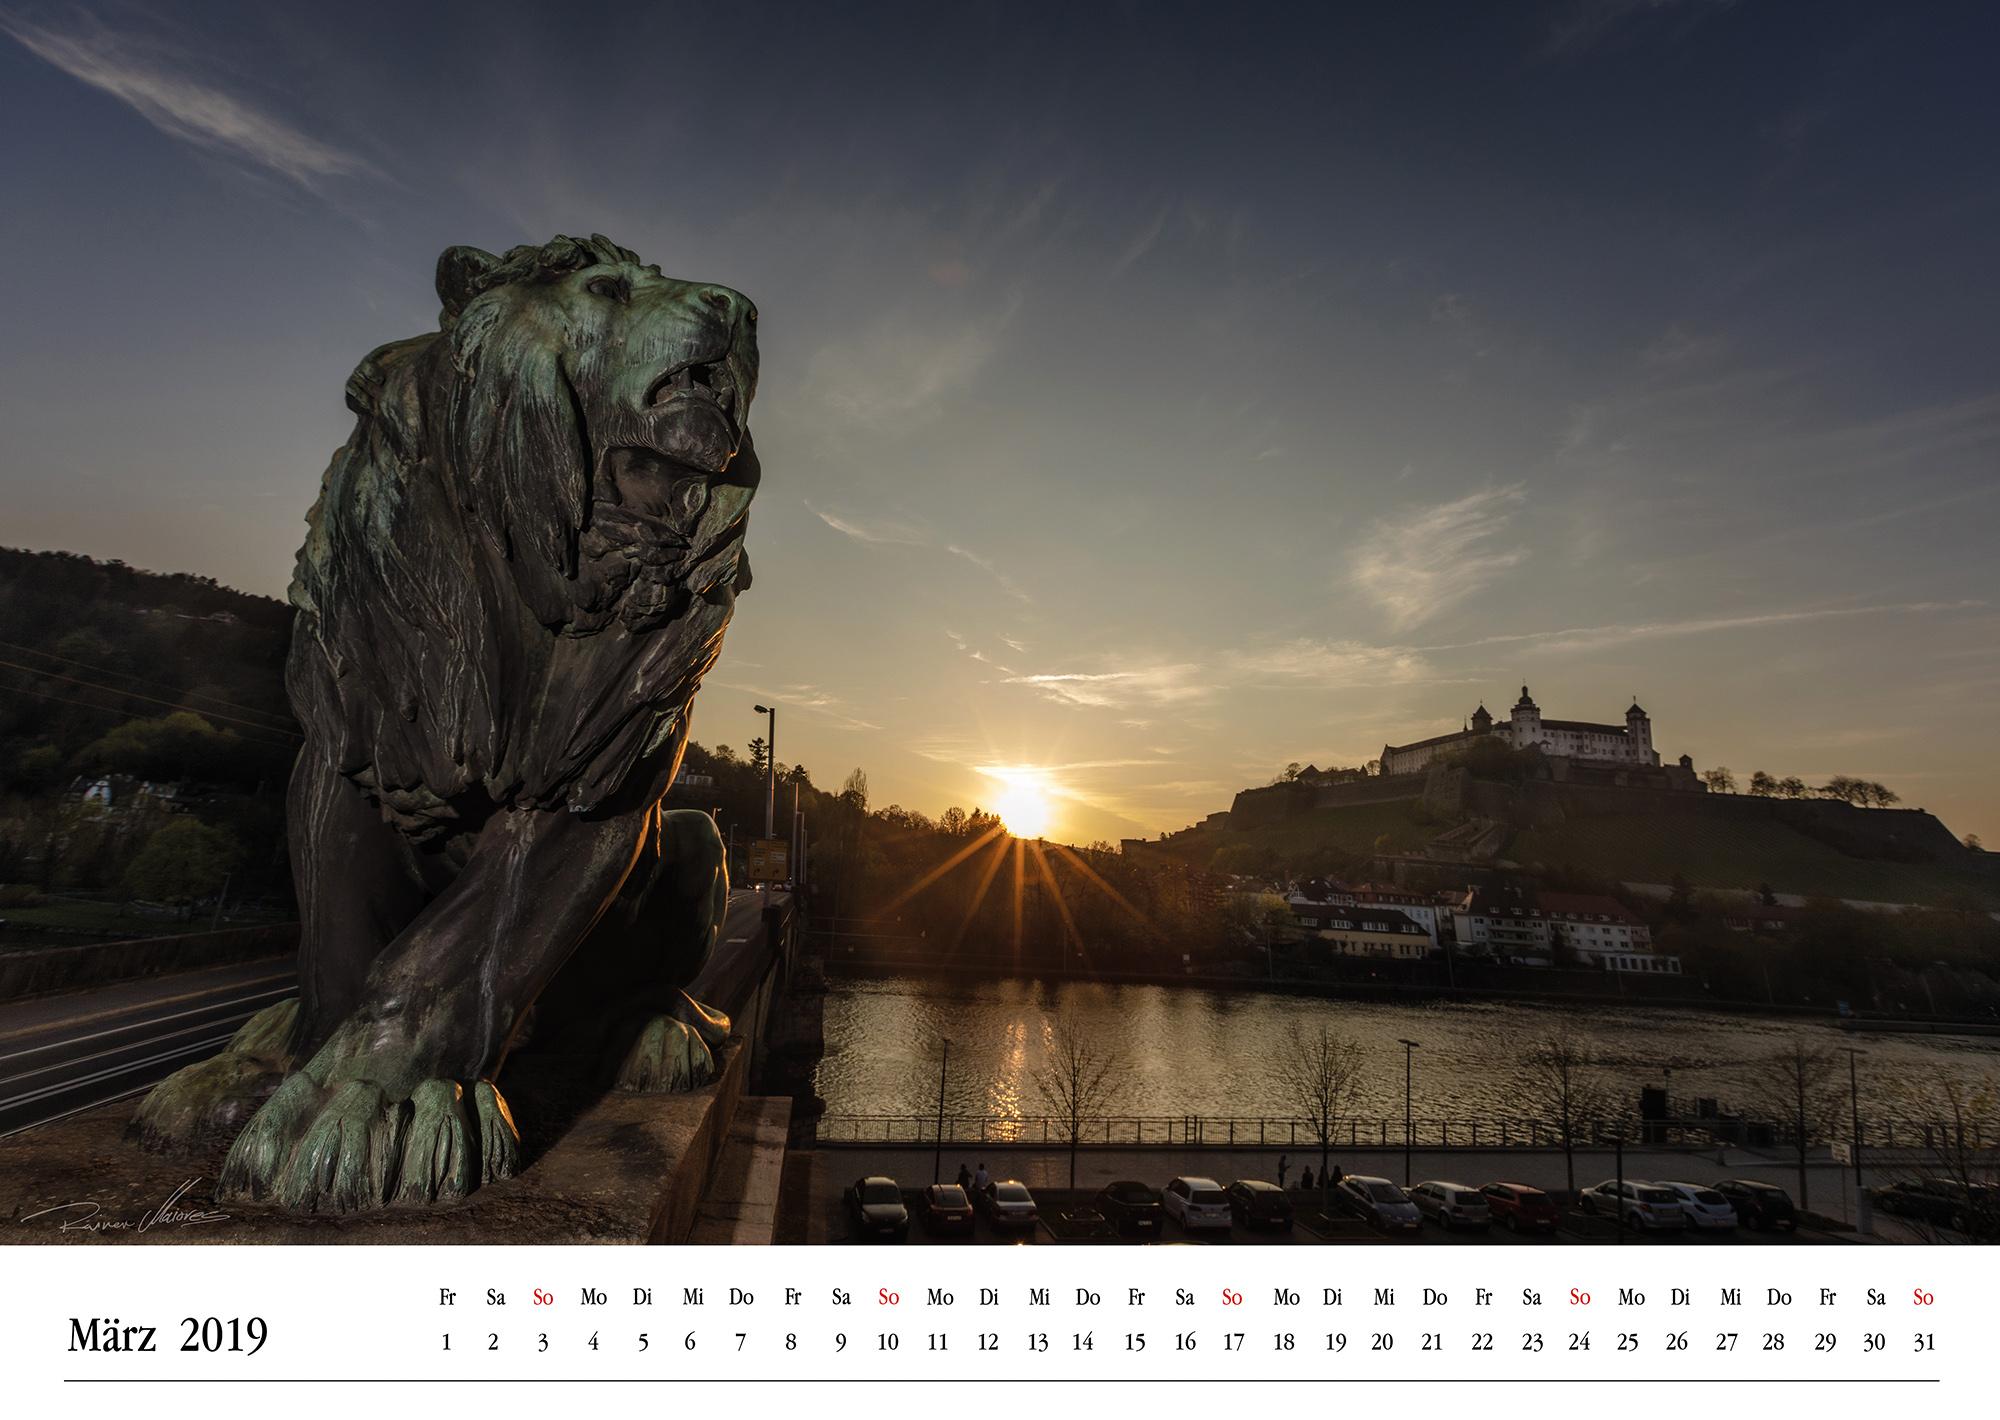 monatswandkalender_13_blatt_(12_monate_+_deckblatt)__einseitig_b